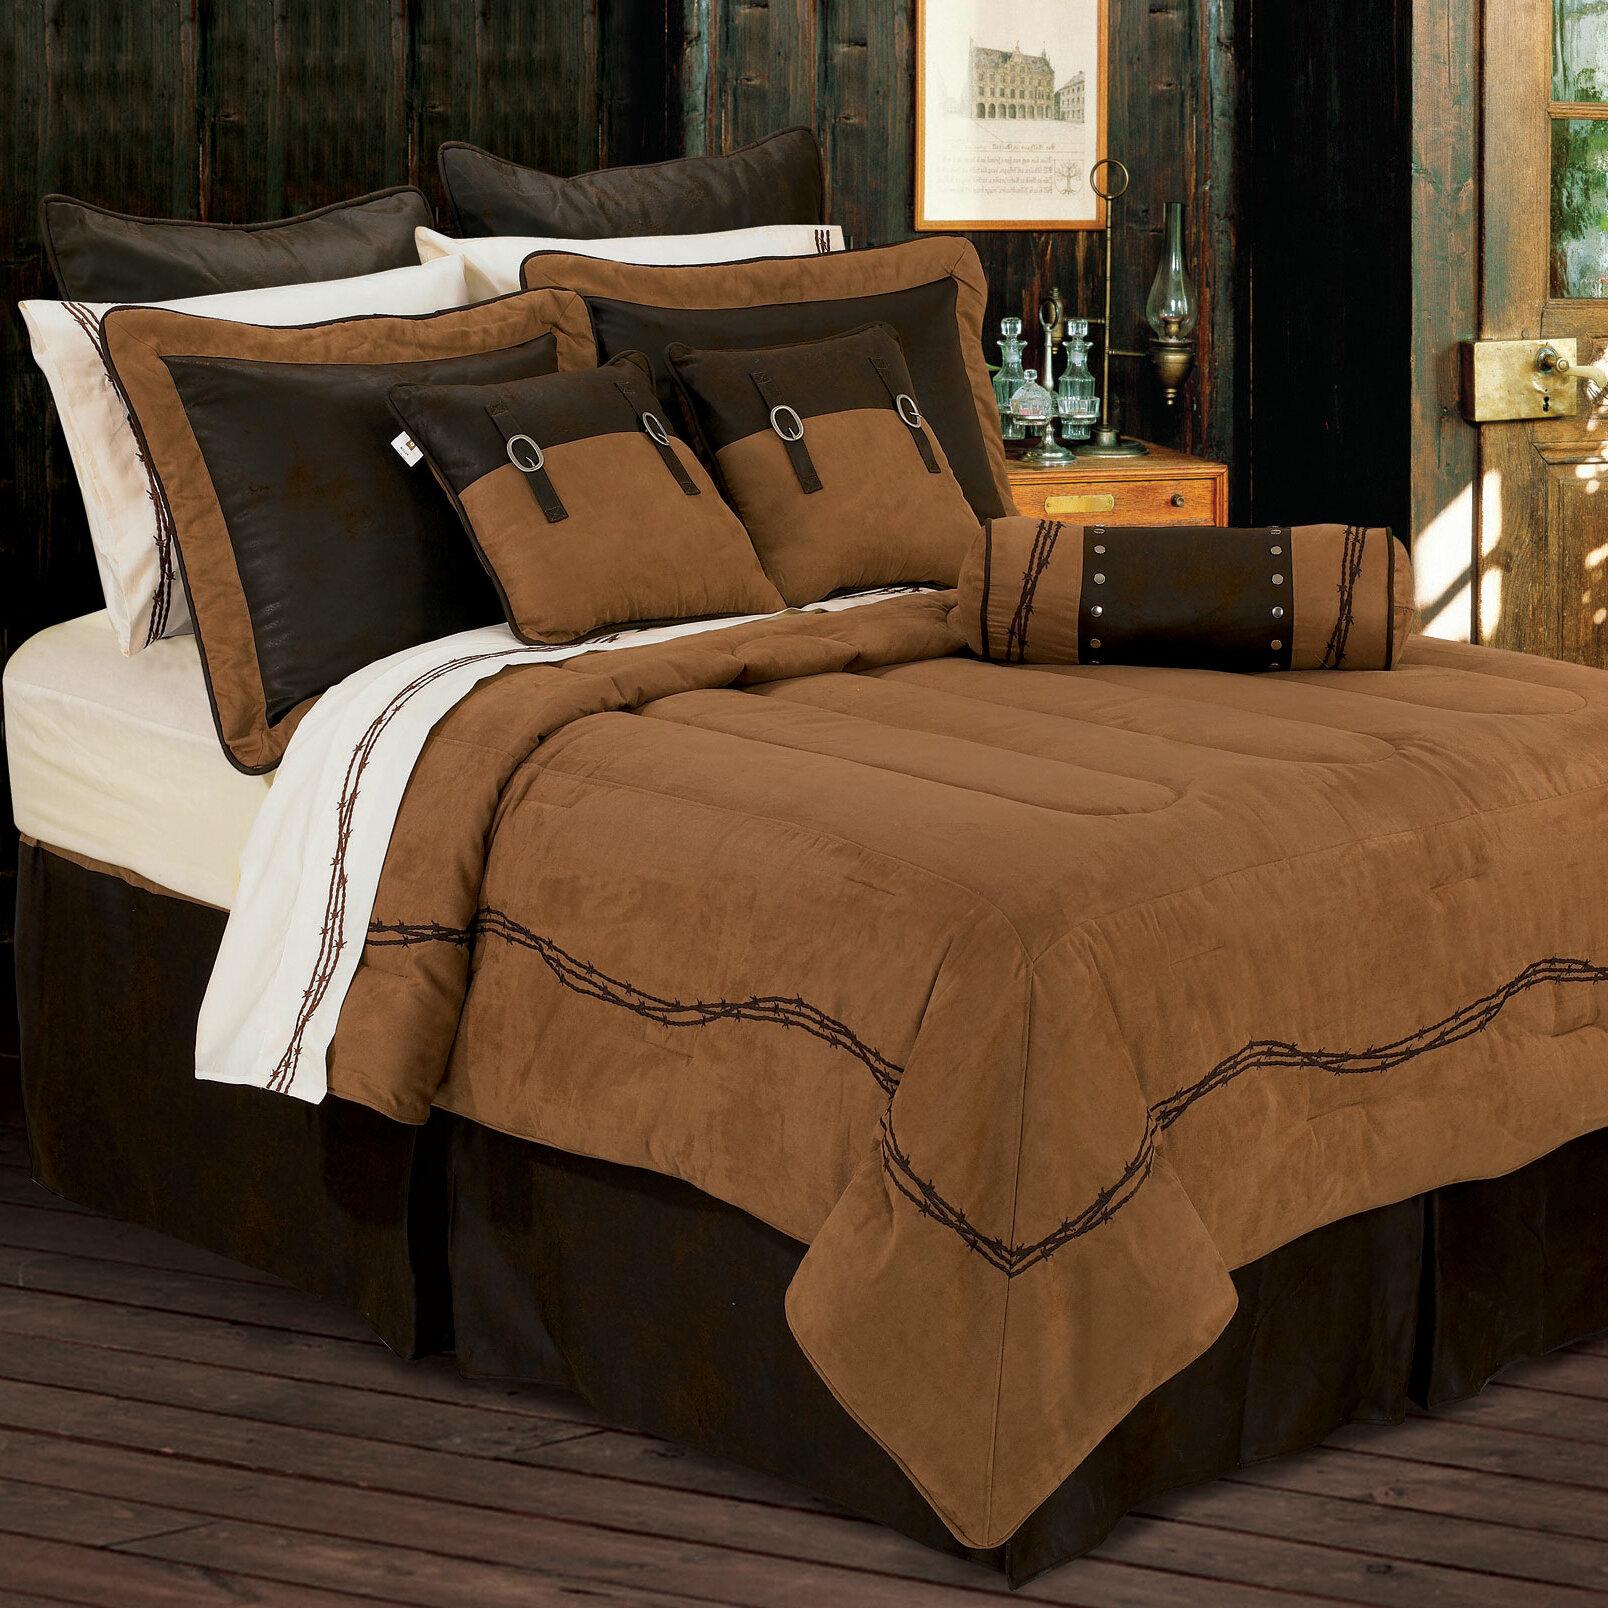 Loon Peak Galyean Solid Embroidered Comforter Set Reviews Wayfair